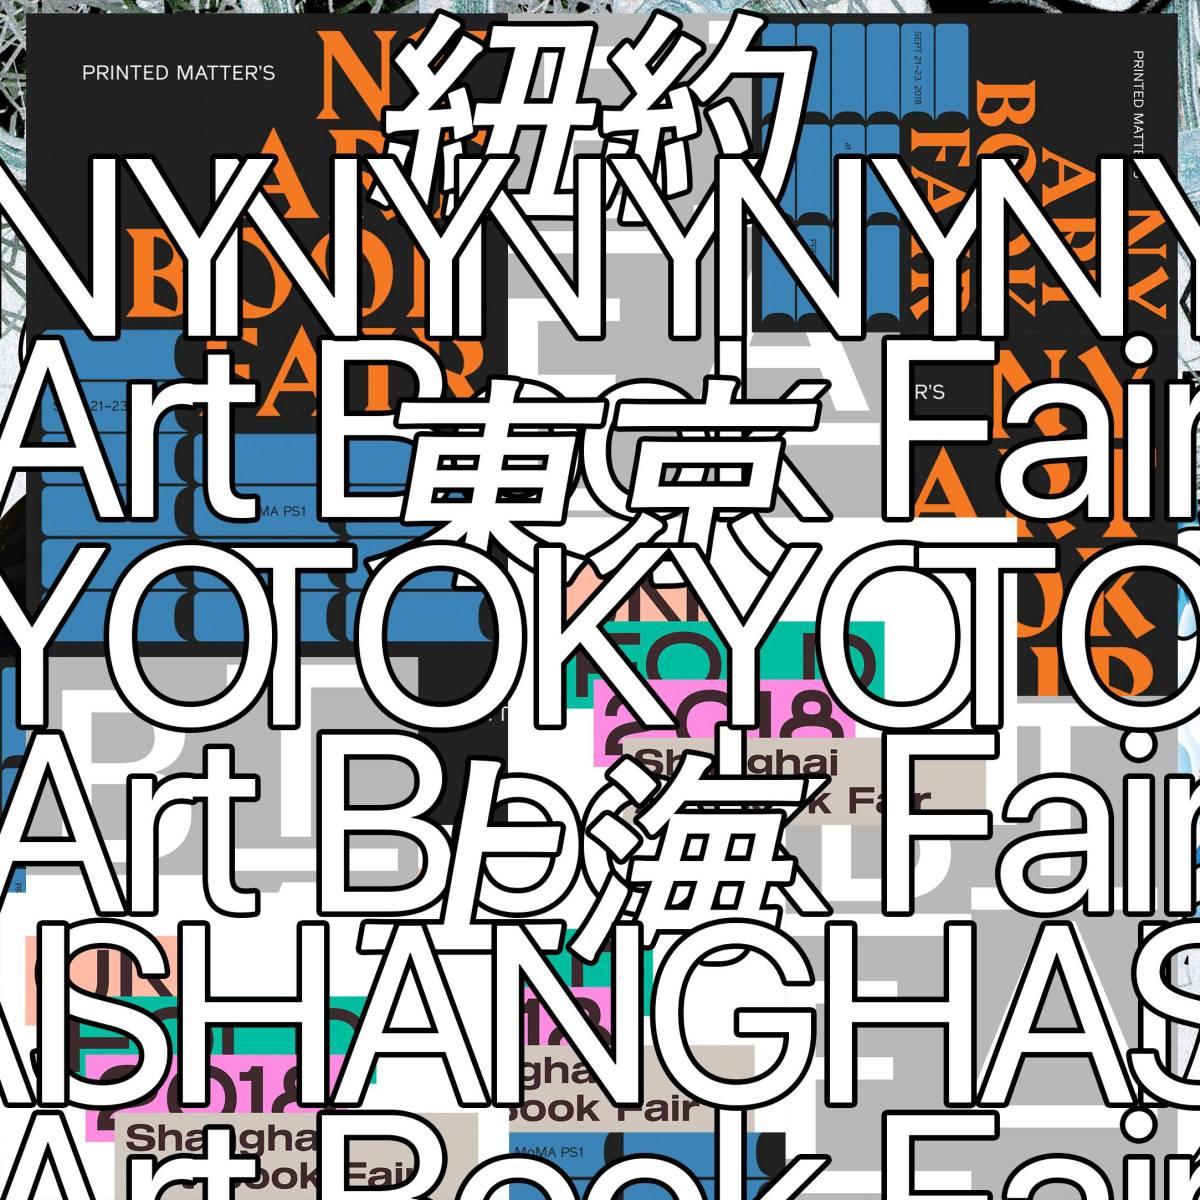 「比起只是複製一場場大型藝術活動,這裏選擇做到真實且紮實的國際交流」: 2018 草率季 Taipei Art Book Fair